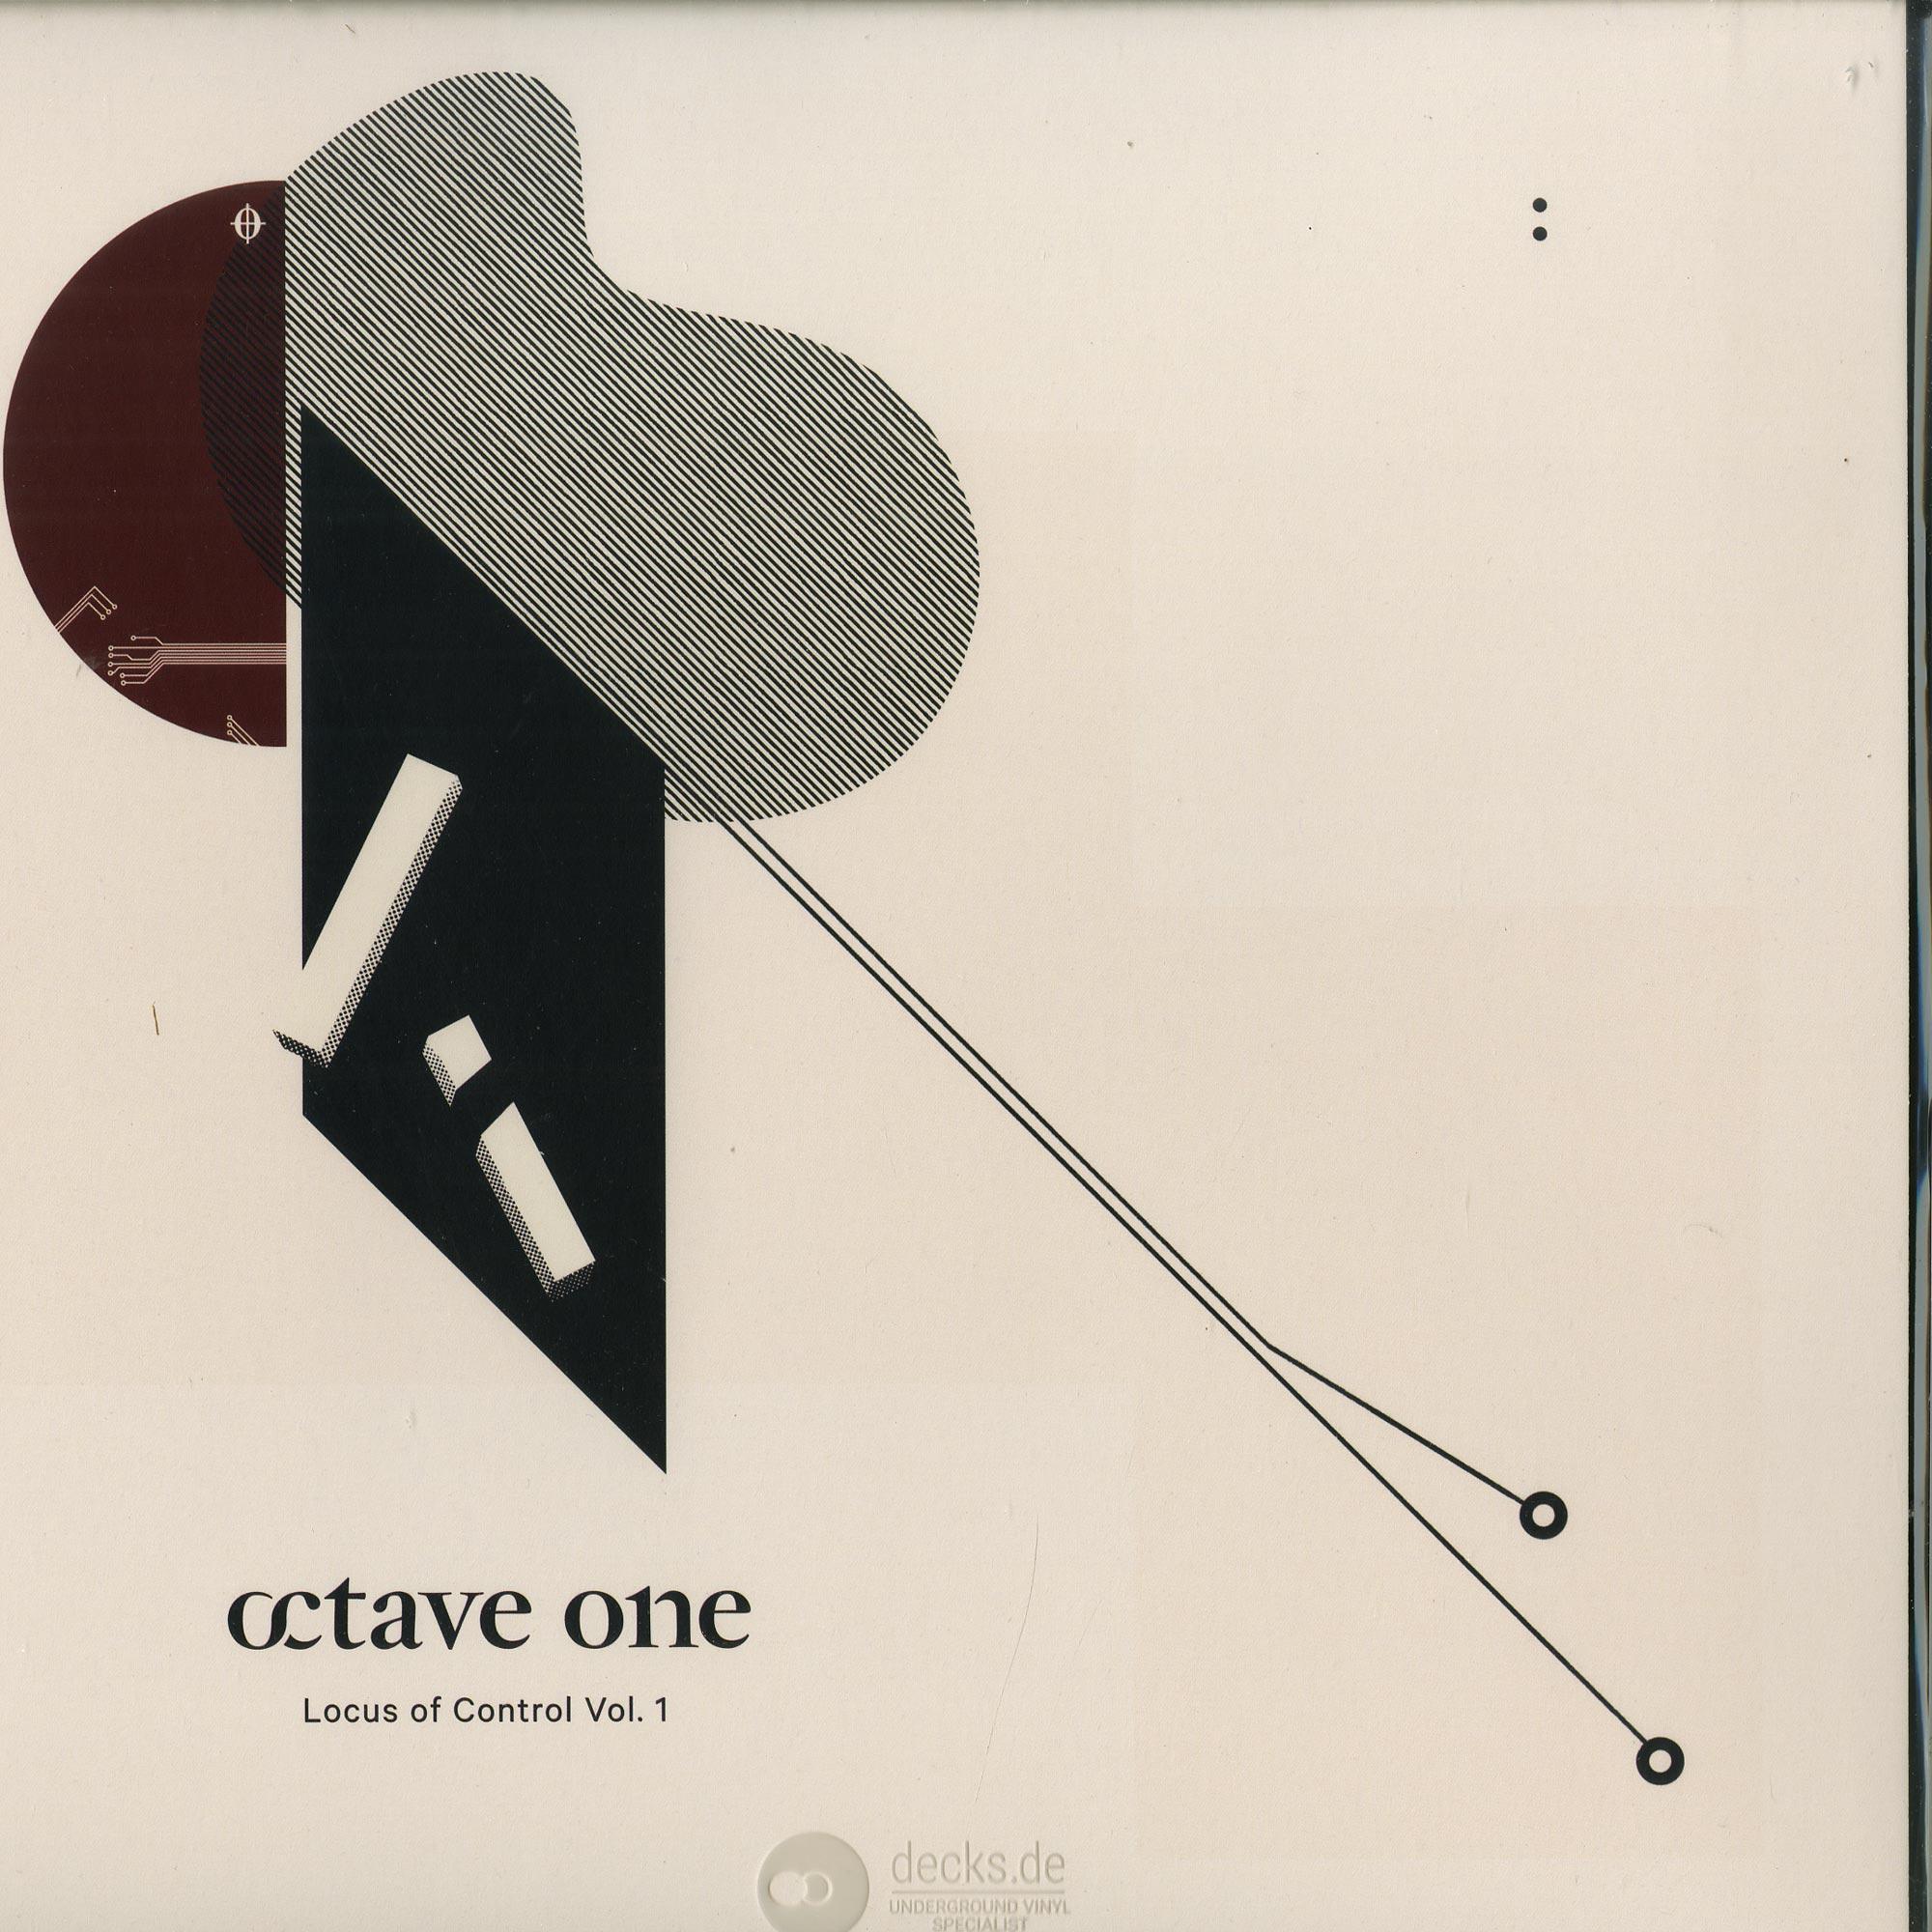 Octave One - LOCUS OF CONTROL VOL. 1